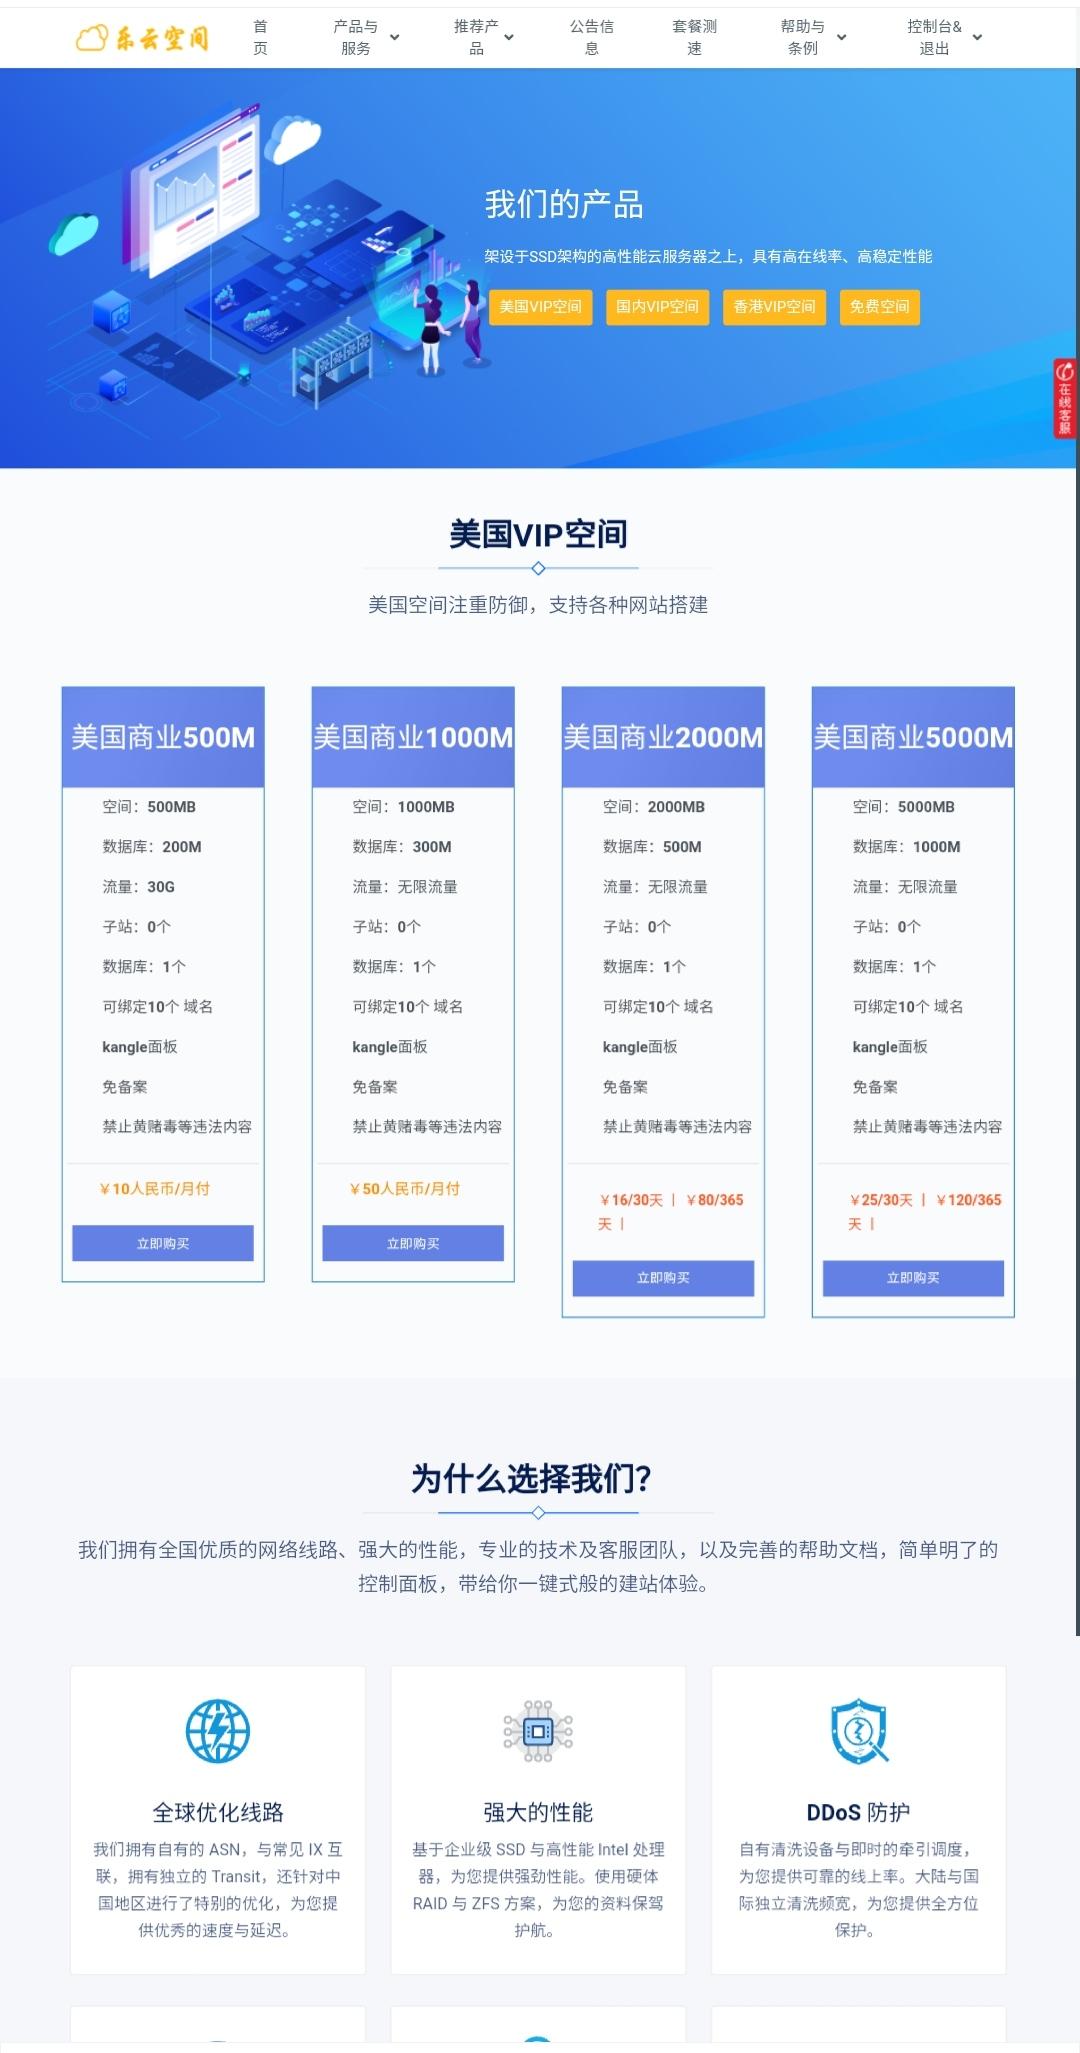 swapIDC模板:2020春节版年兽主题,分享,主题模板,建站,SWAPIDC,第2张